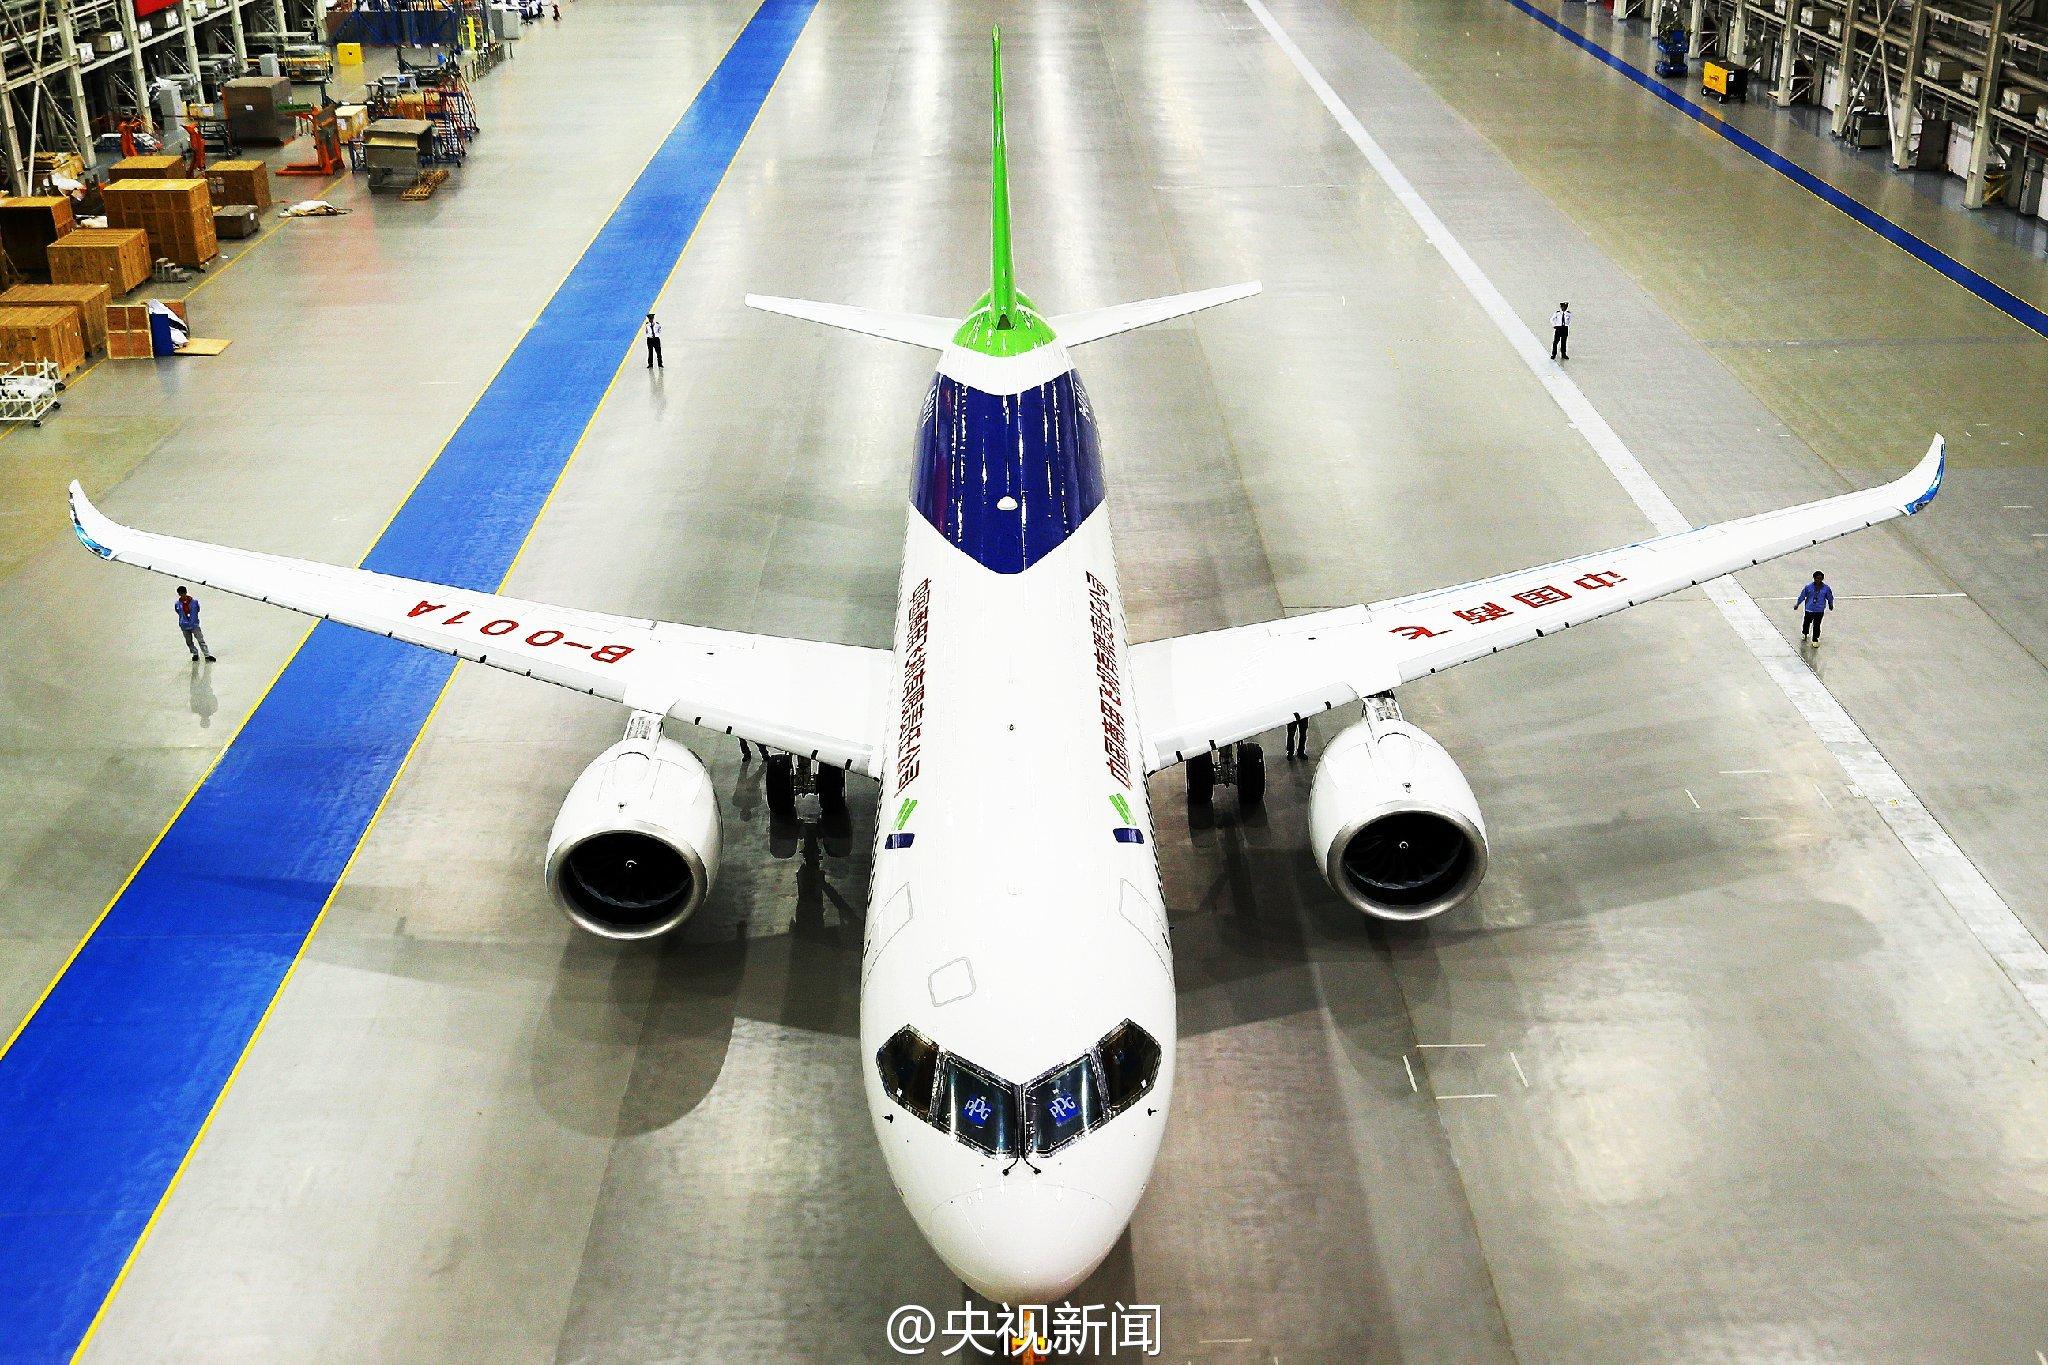 国产大飞机C919露出真容 国内7家公司已订购135架